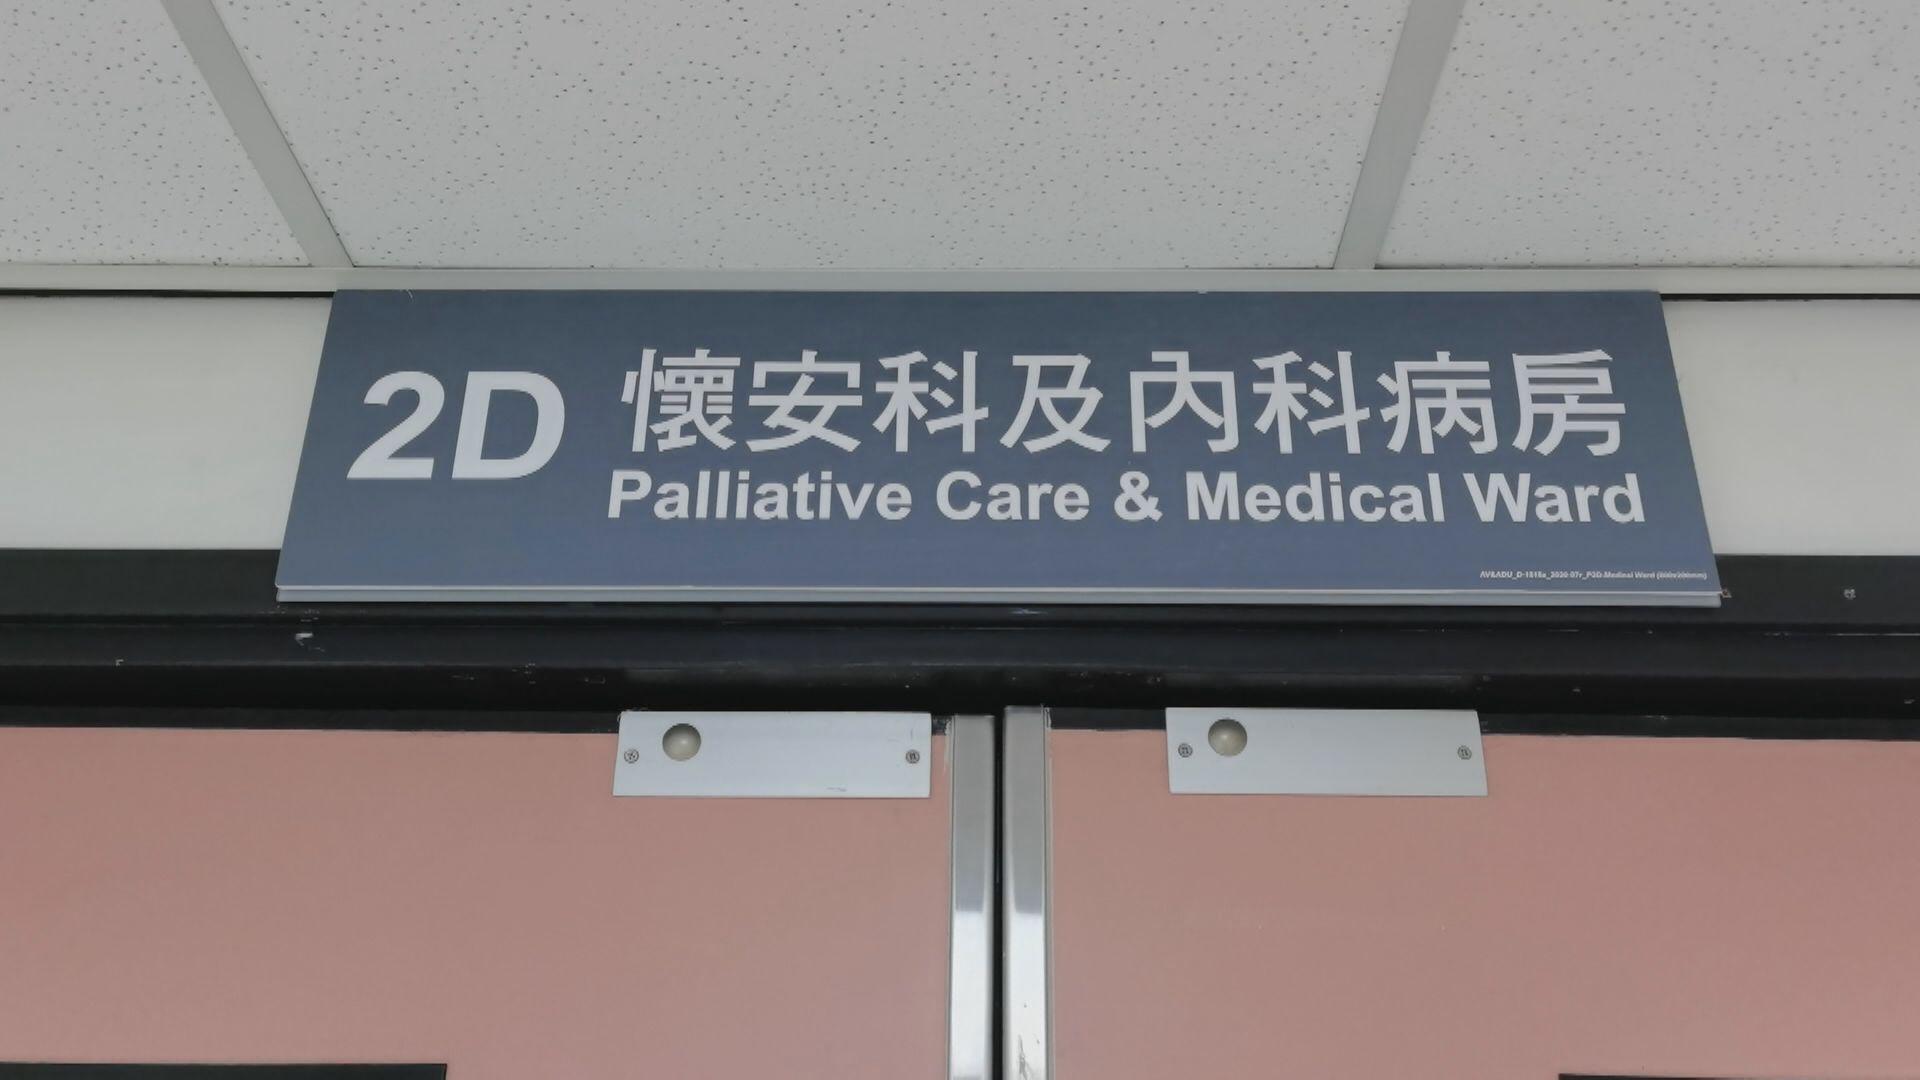 聯合醫院2D病房關閉 病格水龍頭驗出新冠病毒